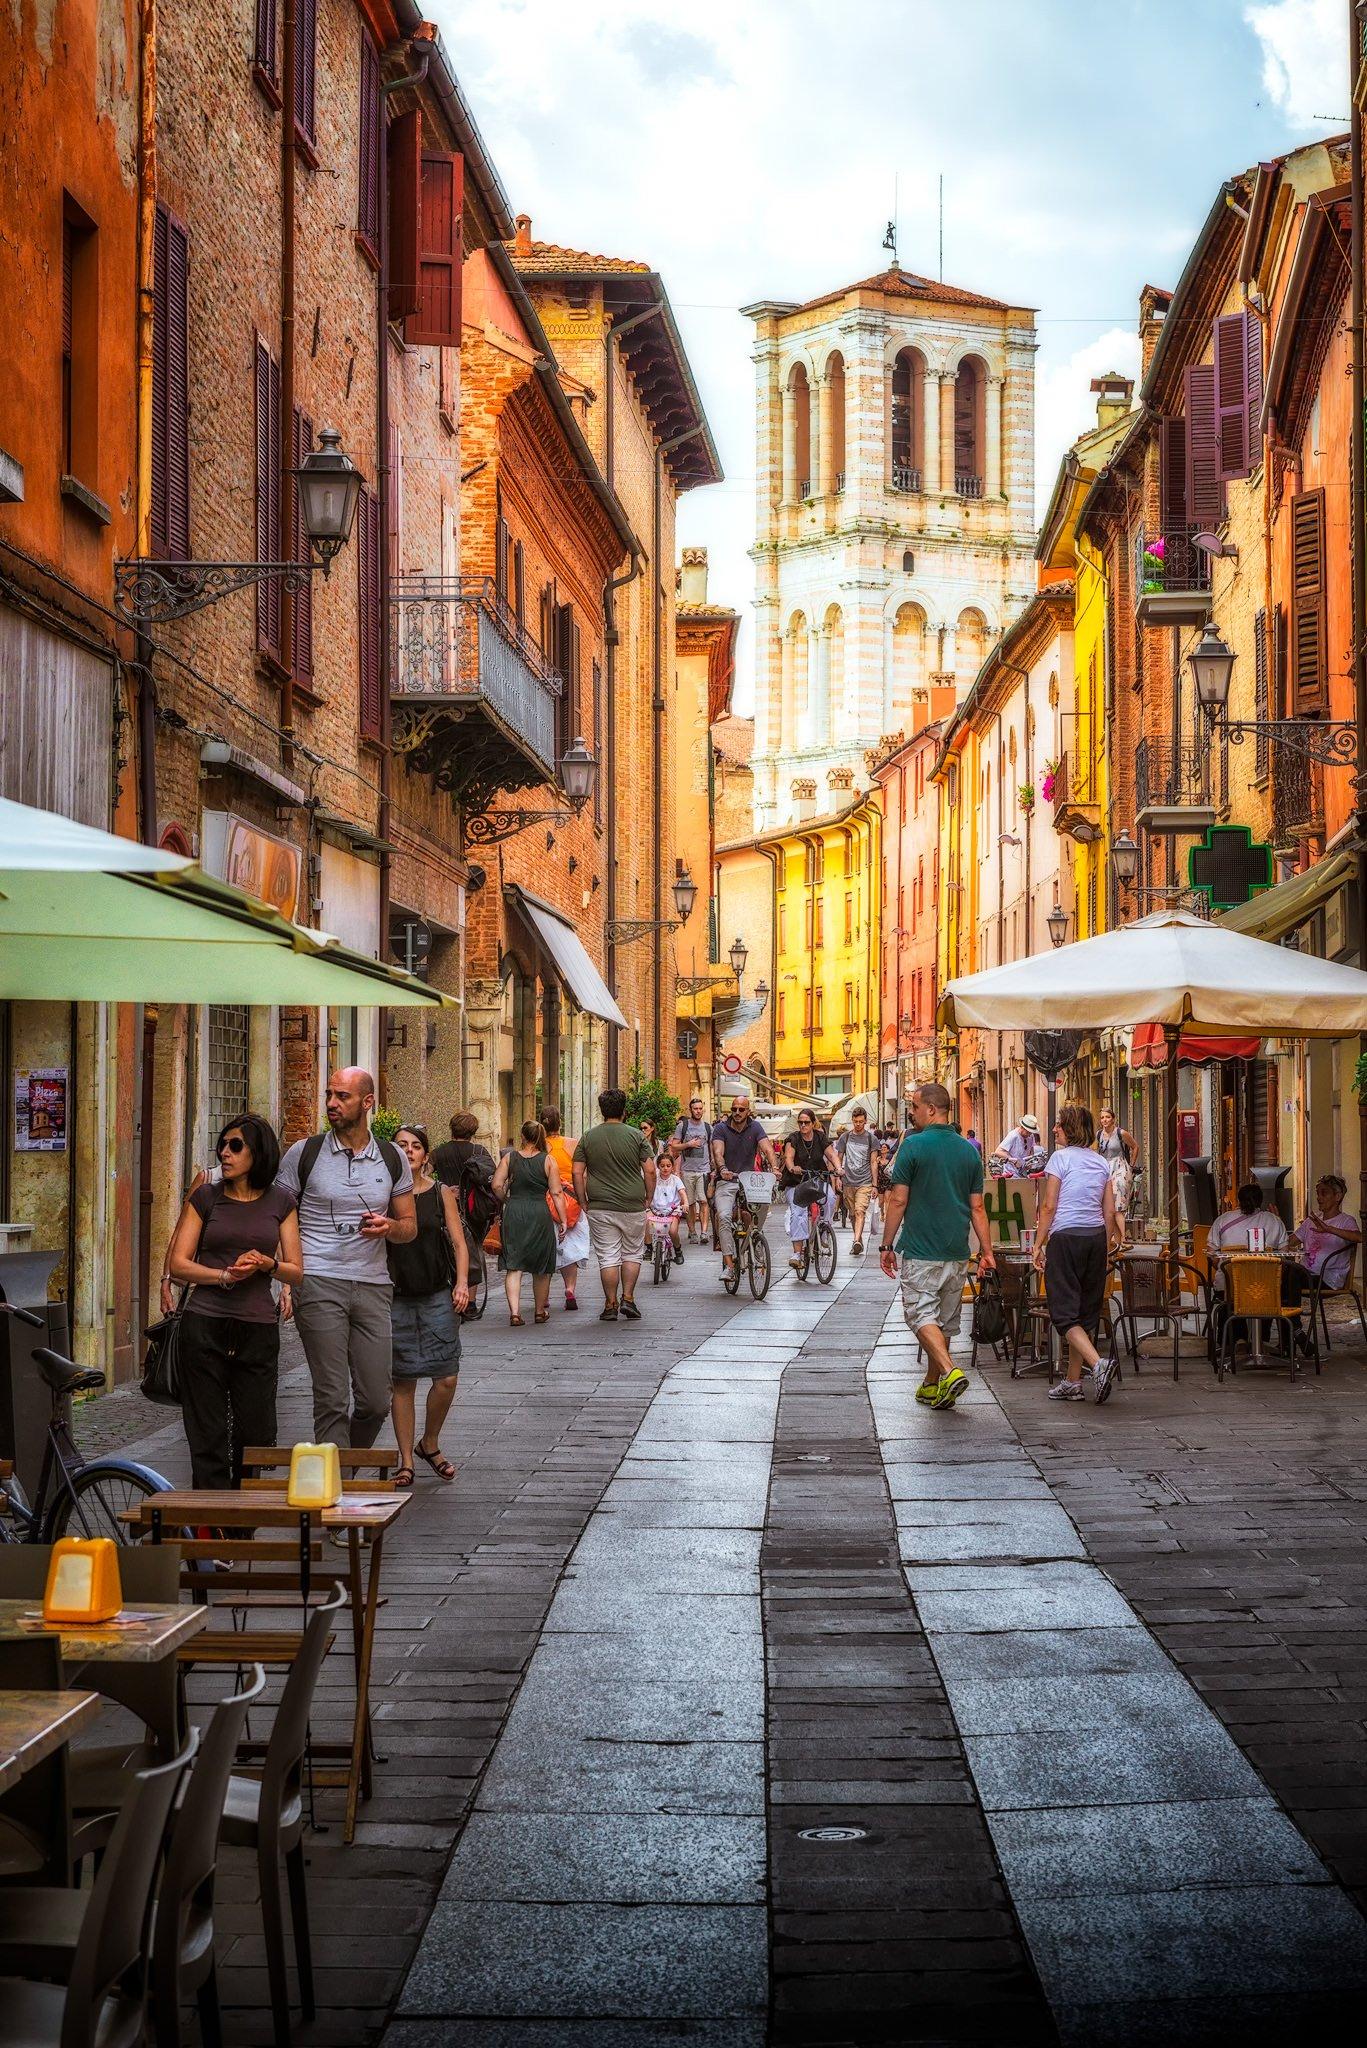 Street in summer - Ferrara; Italy